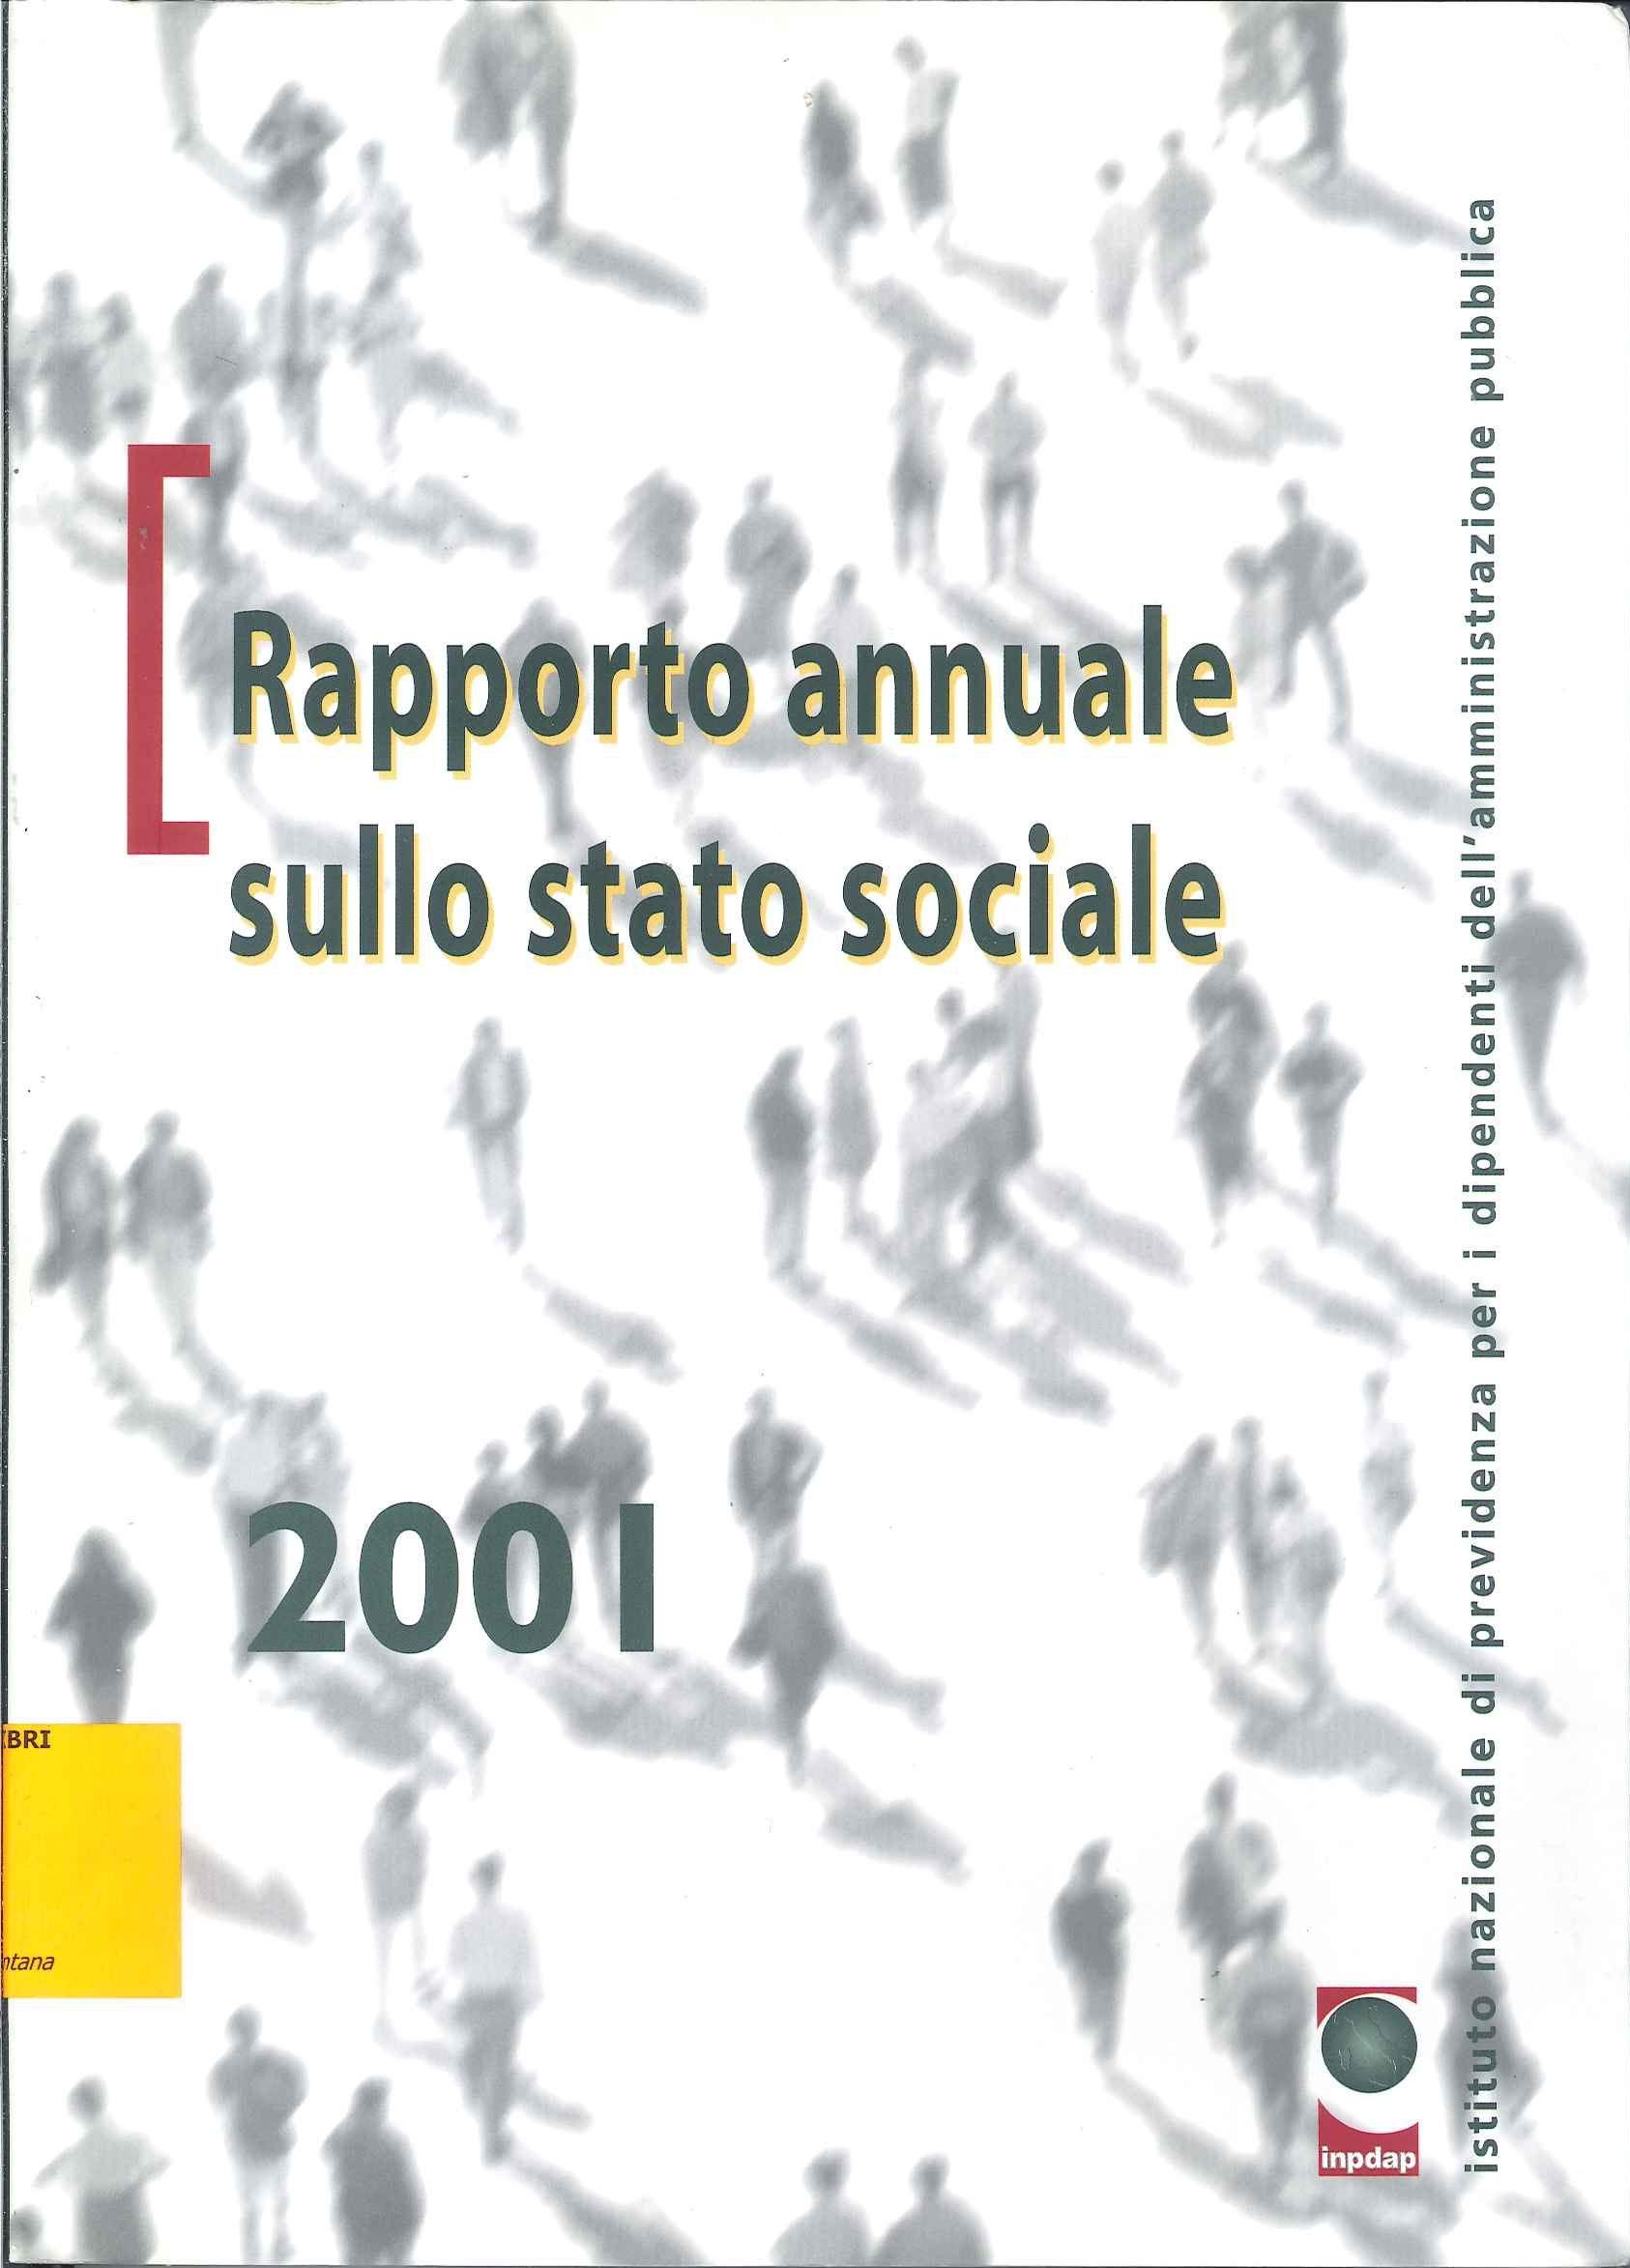 Rapporto annuale sullo stato sociale 2001